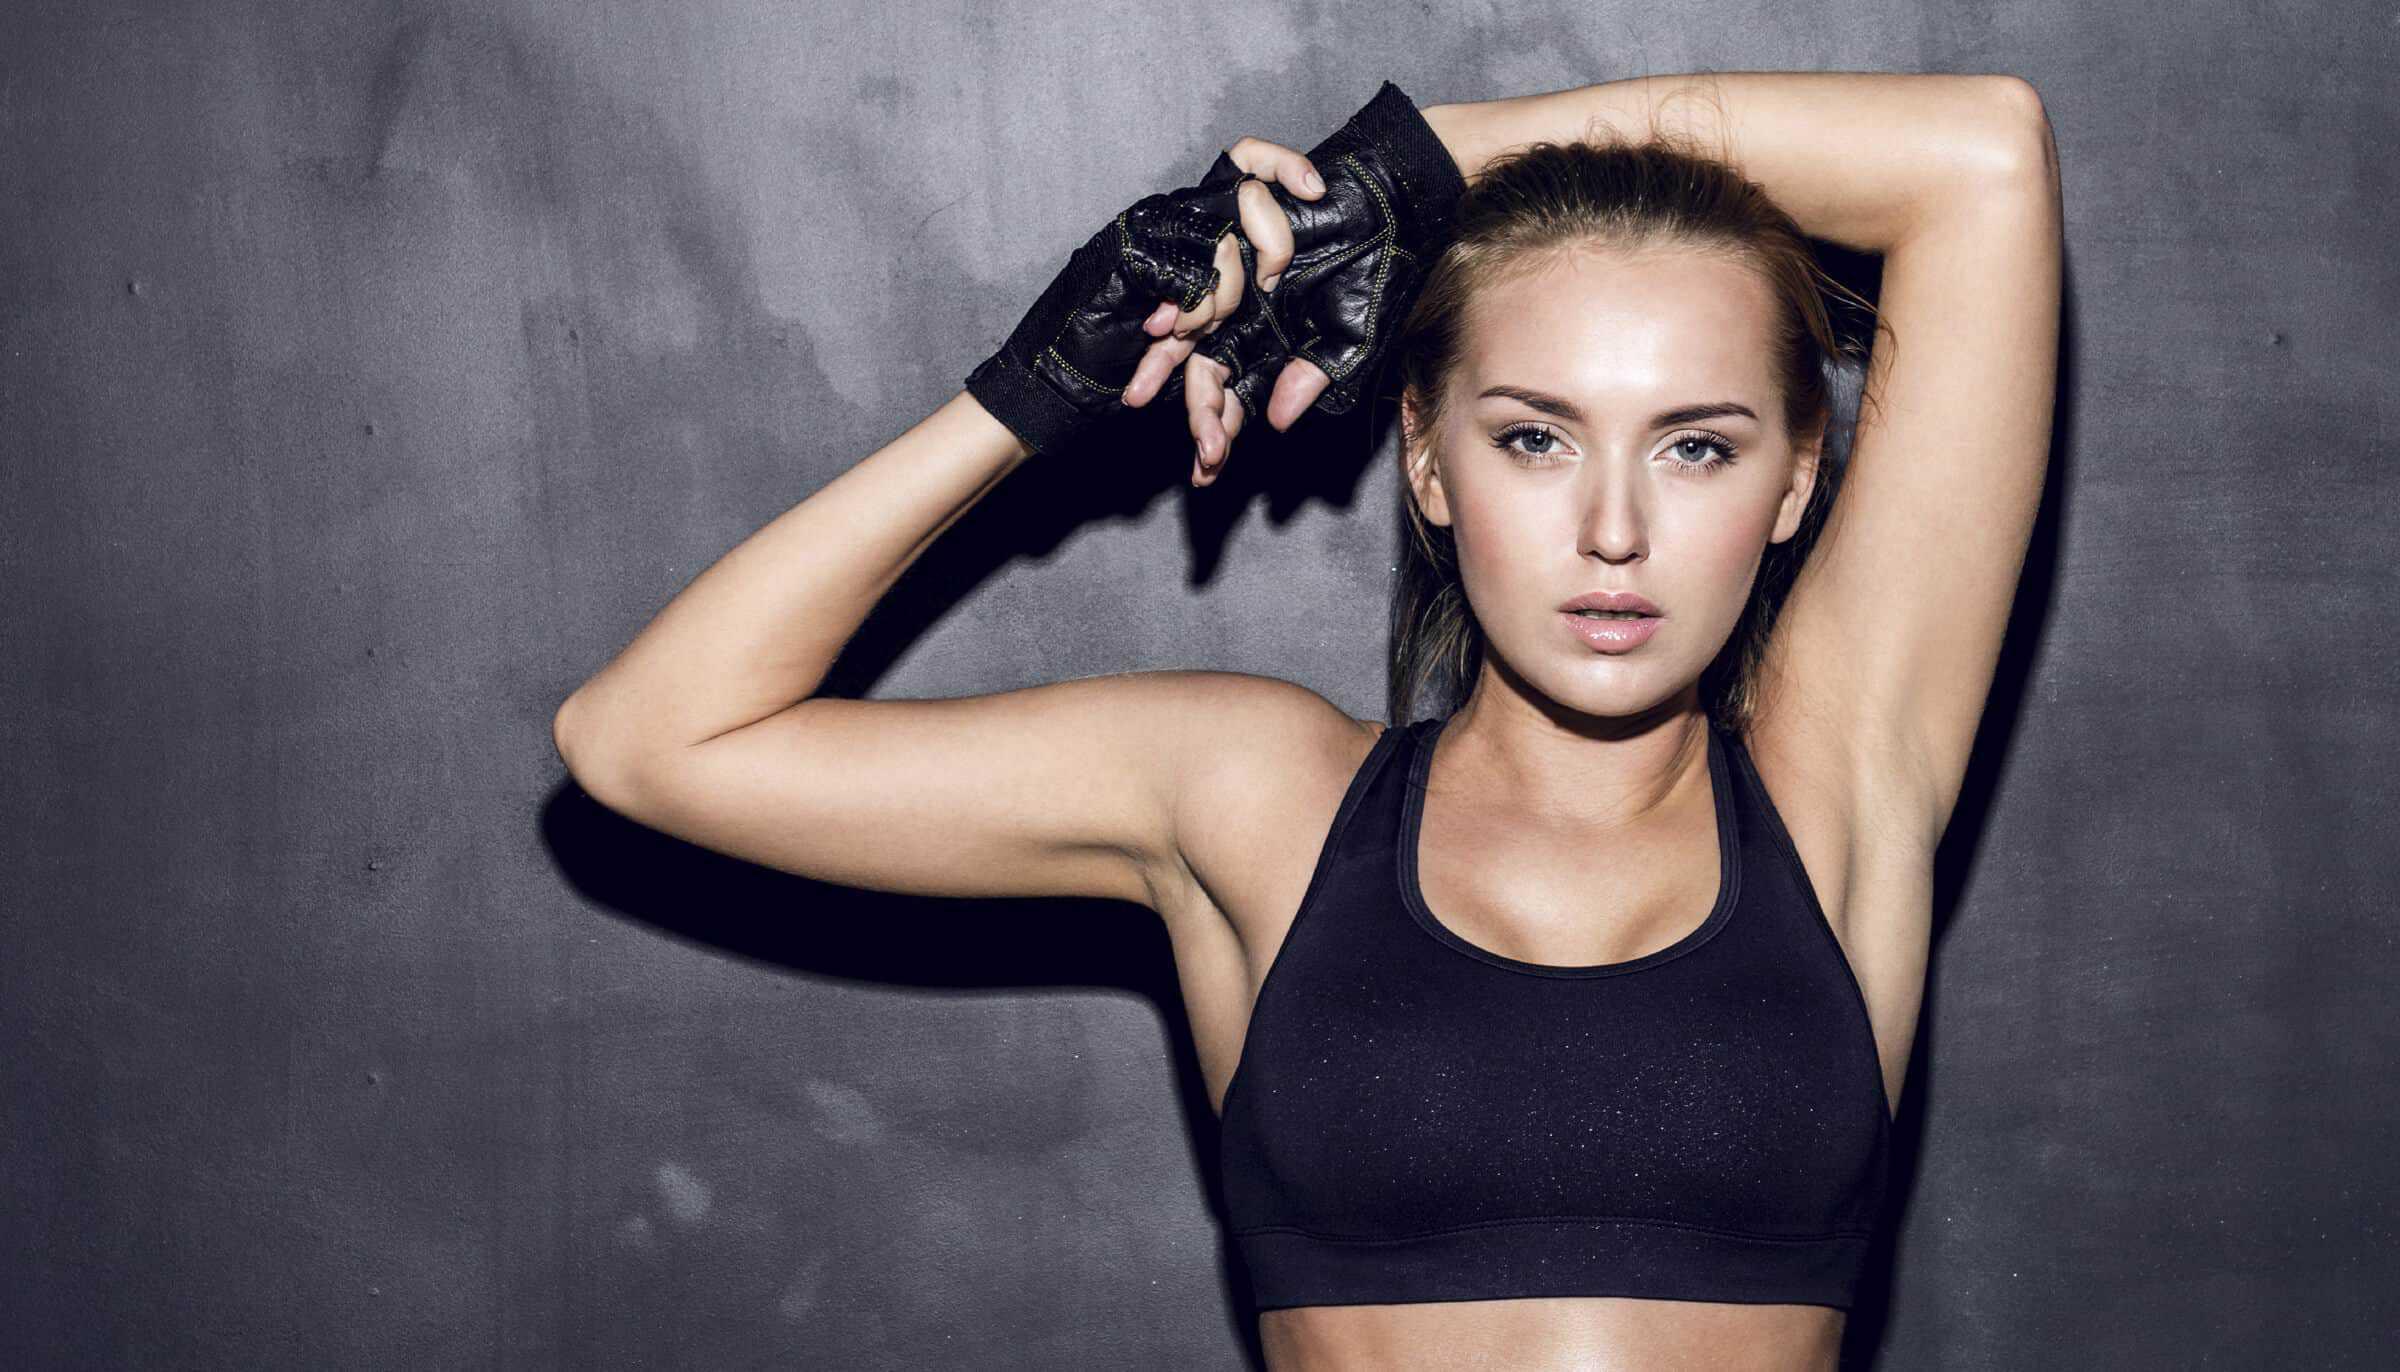 Л-карнитин как принимать для похудения девушкам в мг